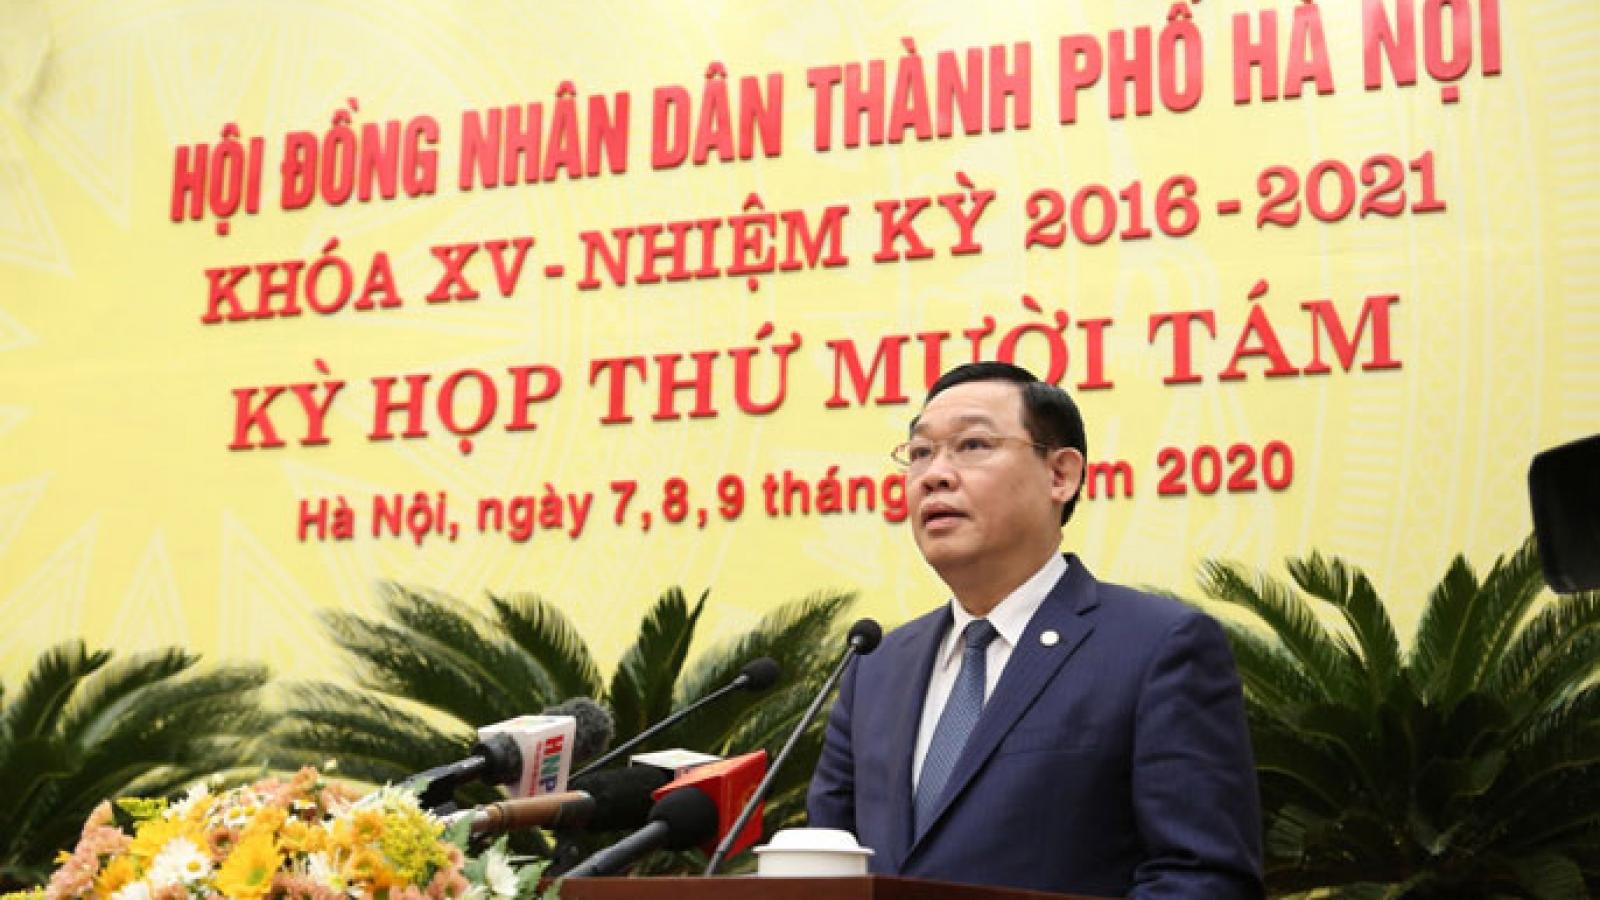 Hà Nội cần tập trung giải quyết vấn đề dân sinh bức xúc trong năm 2021